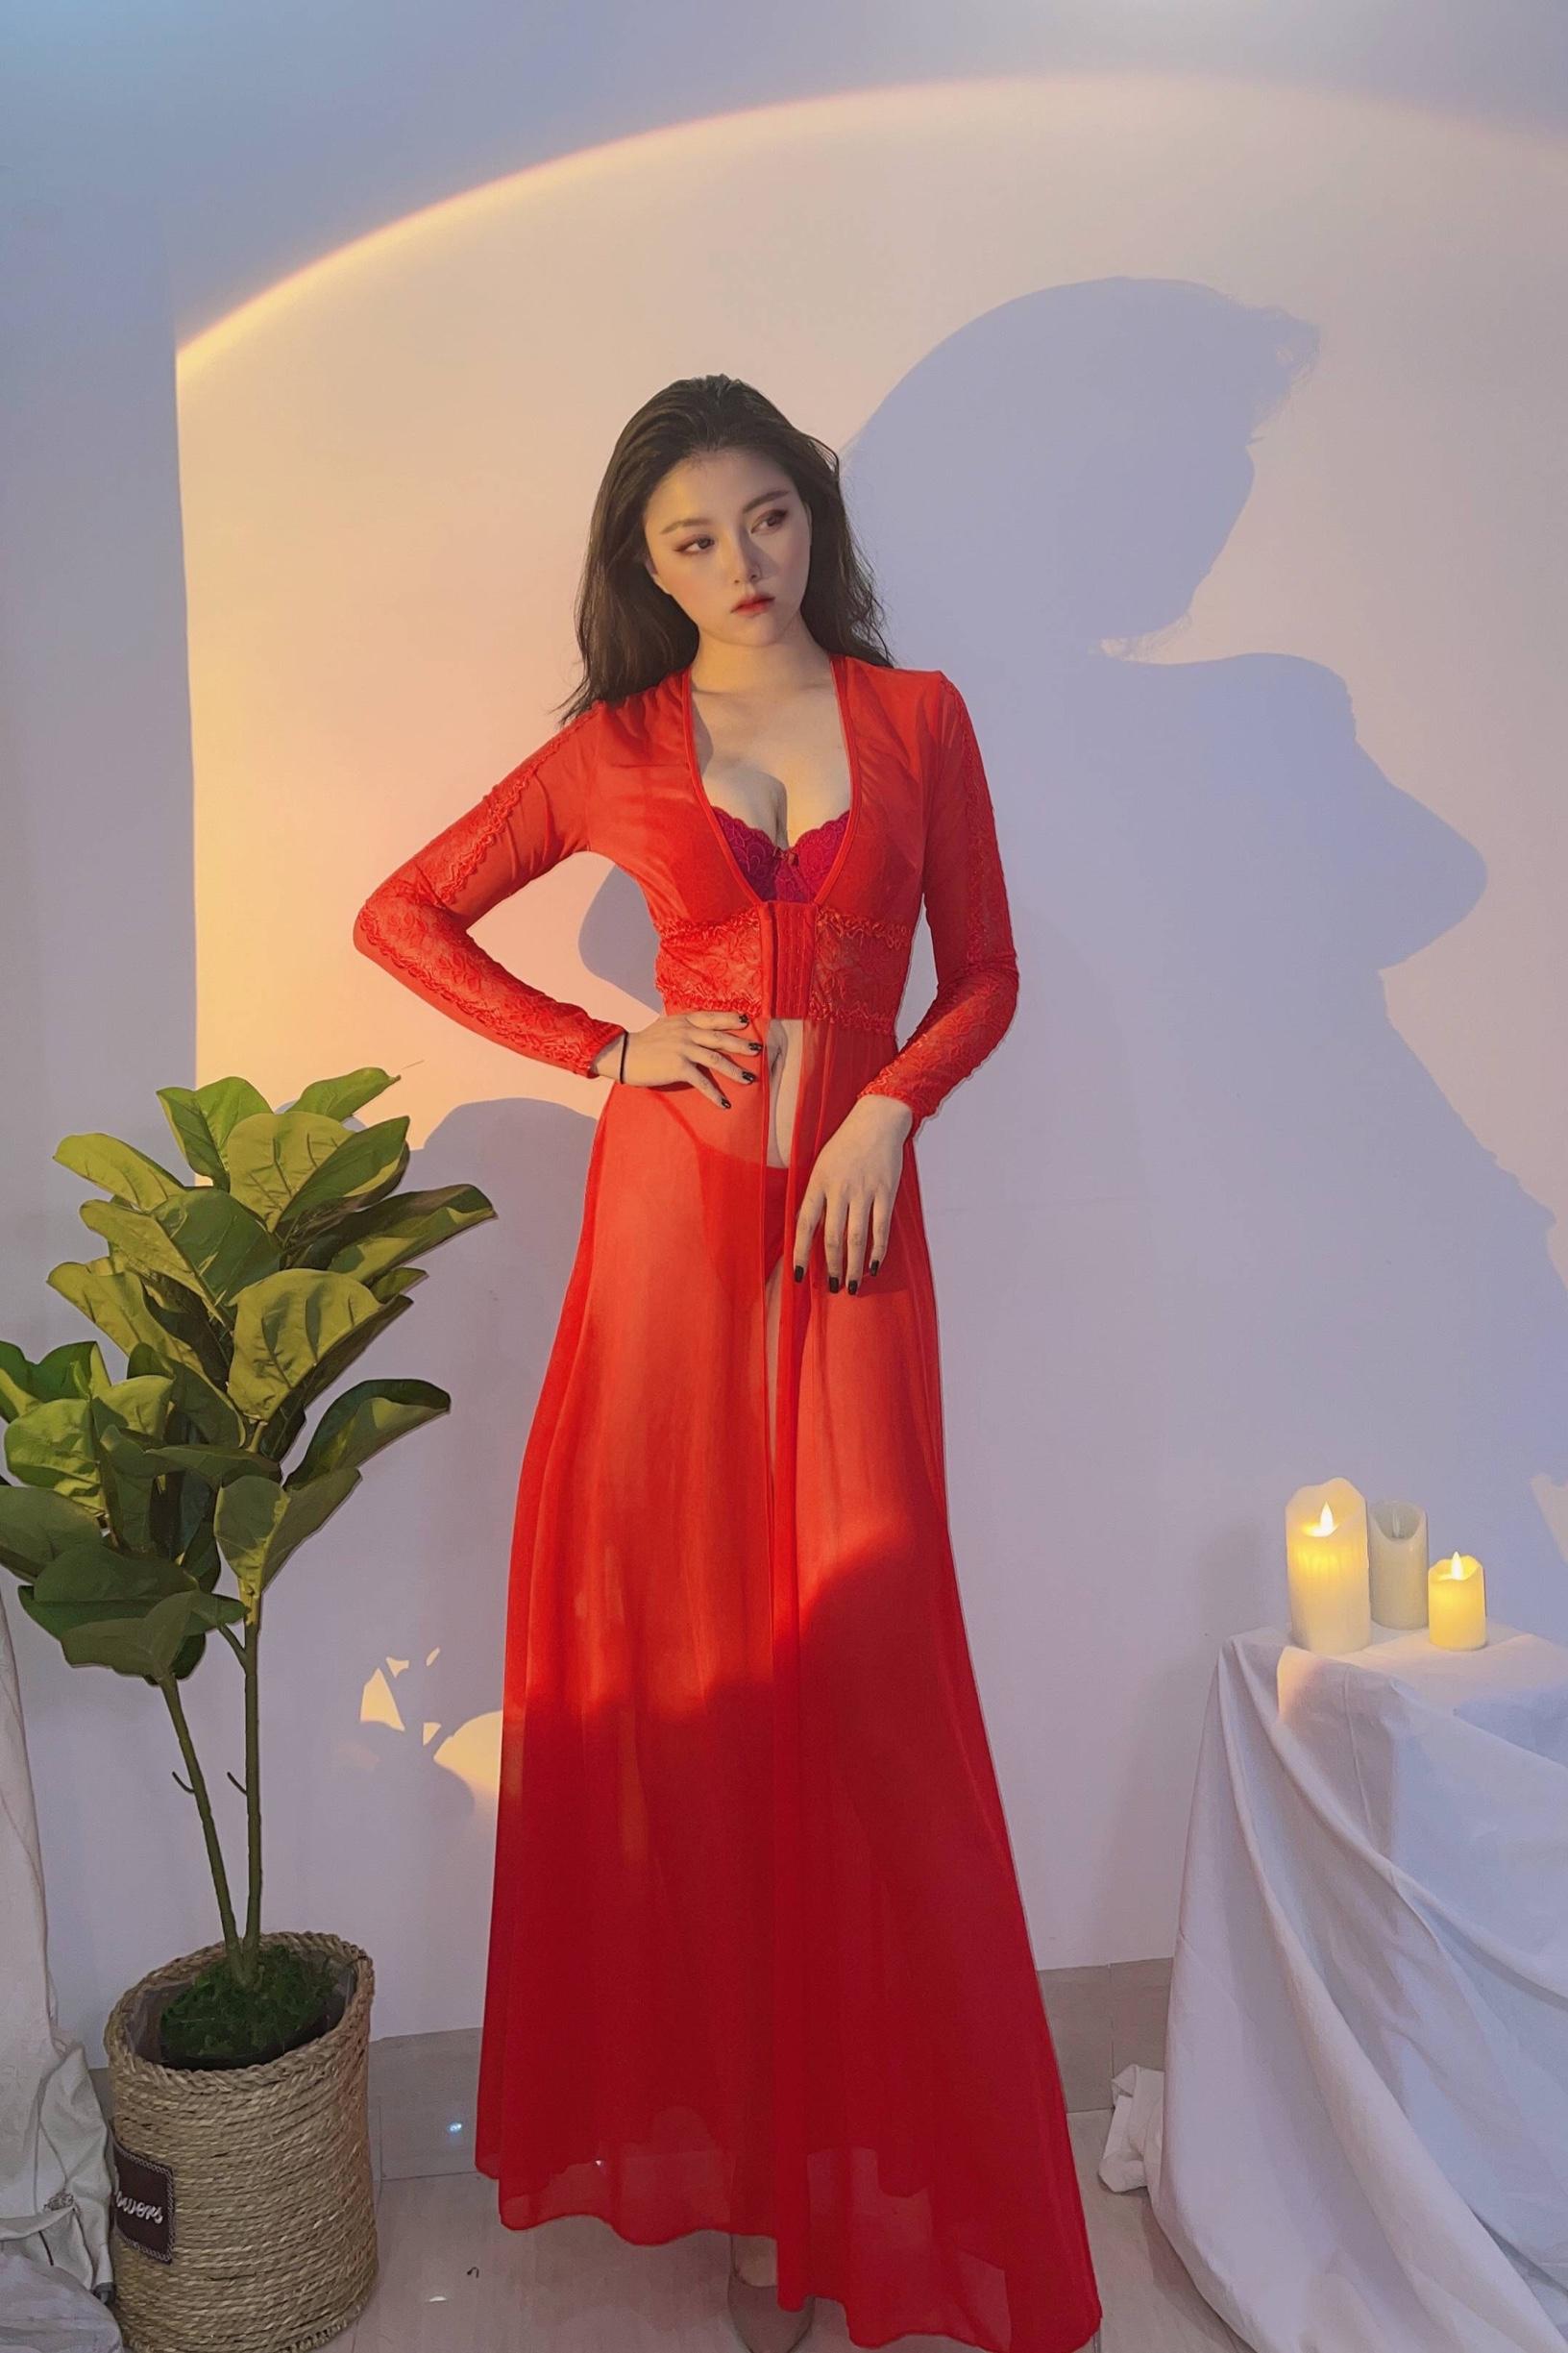 红色适合我,红红火火,高腰设计,高开叉,特别性感!质量好,网纱丝滑柔软。周末度假和男朋友住的民宿,就带的这款衣服,男朋友给拍的照片,拍的还可以,还是姐我身材好,嘻嘻,我们度过了一个浪漫缠绵的午夜。